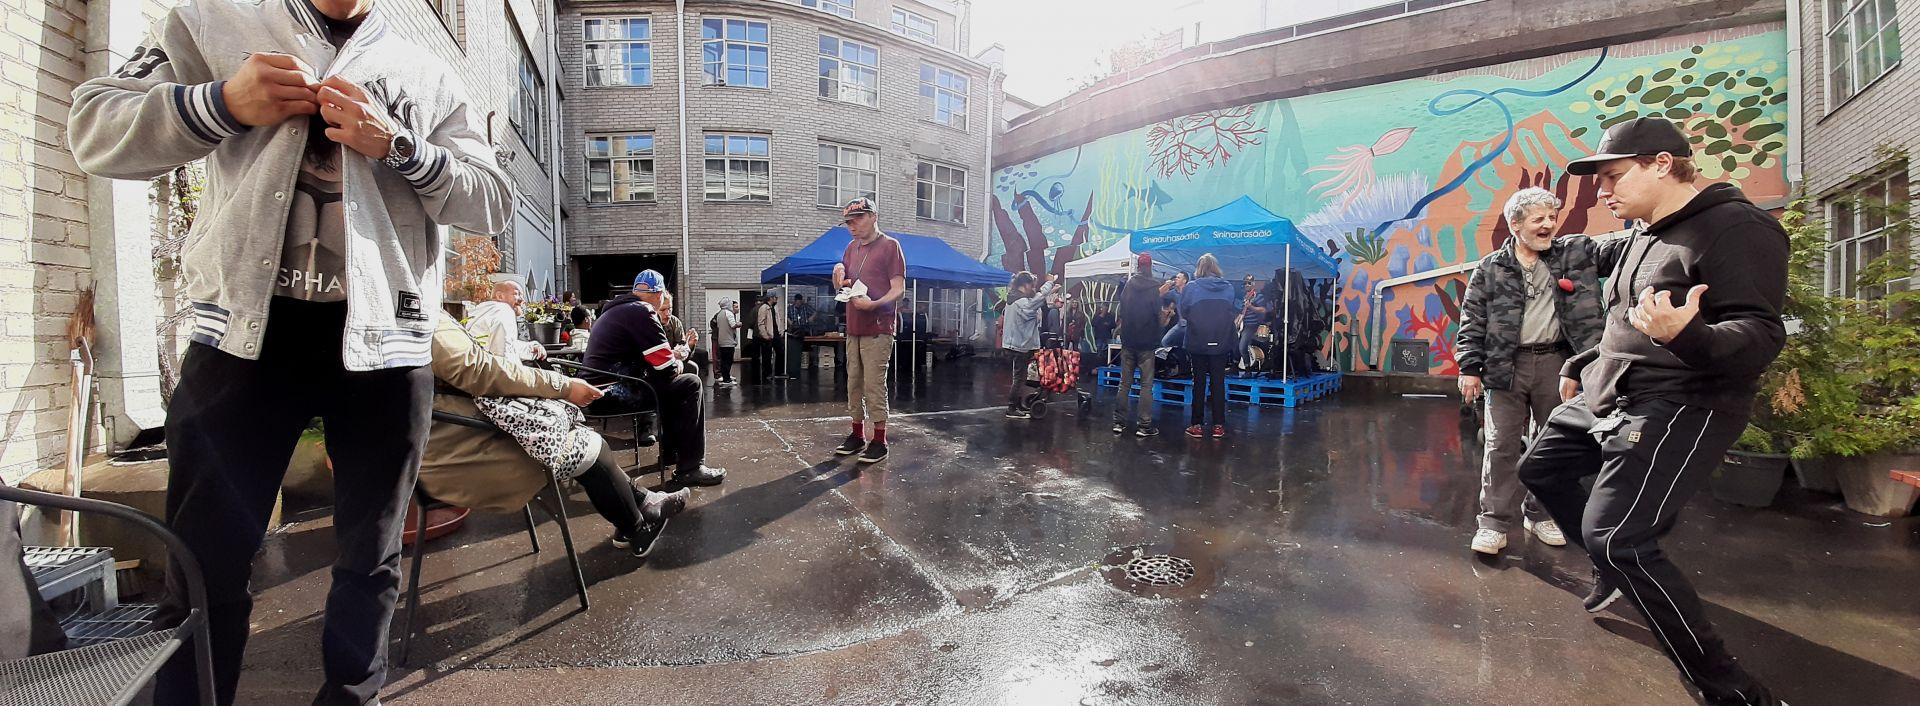 Panoramakuva Mäkelänkatu 50 sisäpihasta, jossa ihmiset ruokailevat bändin soittaessa.